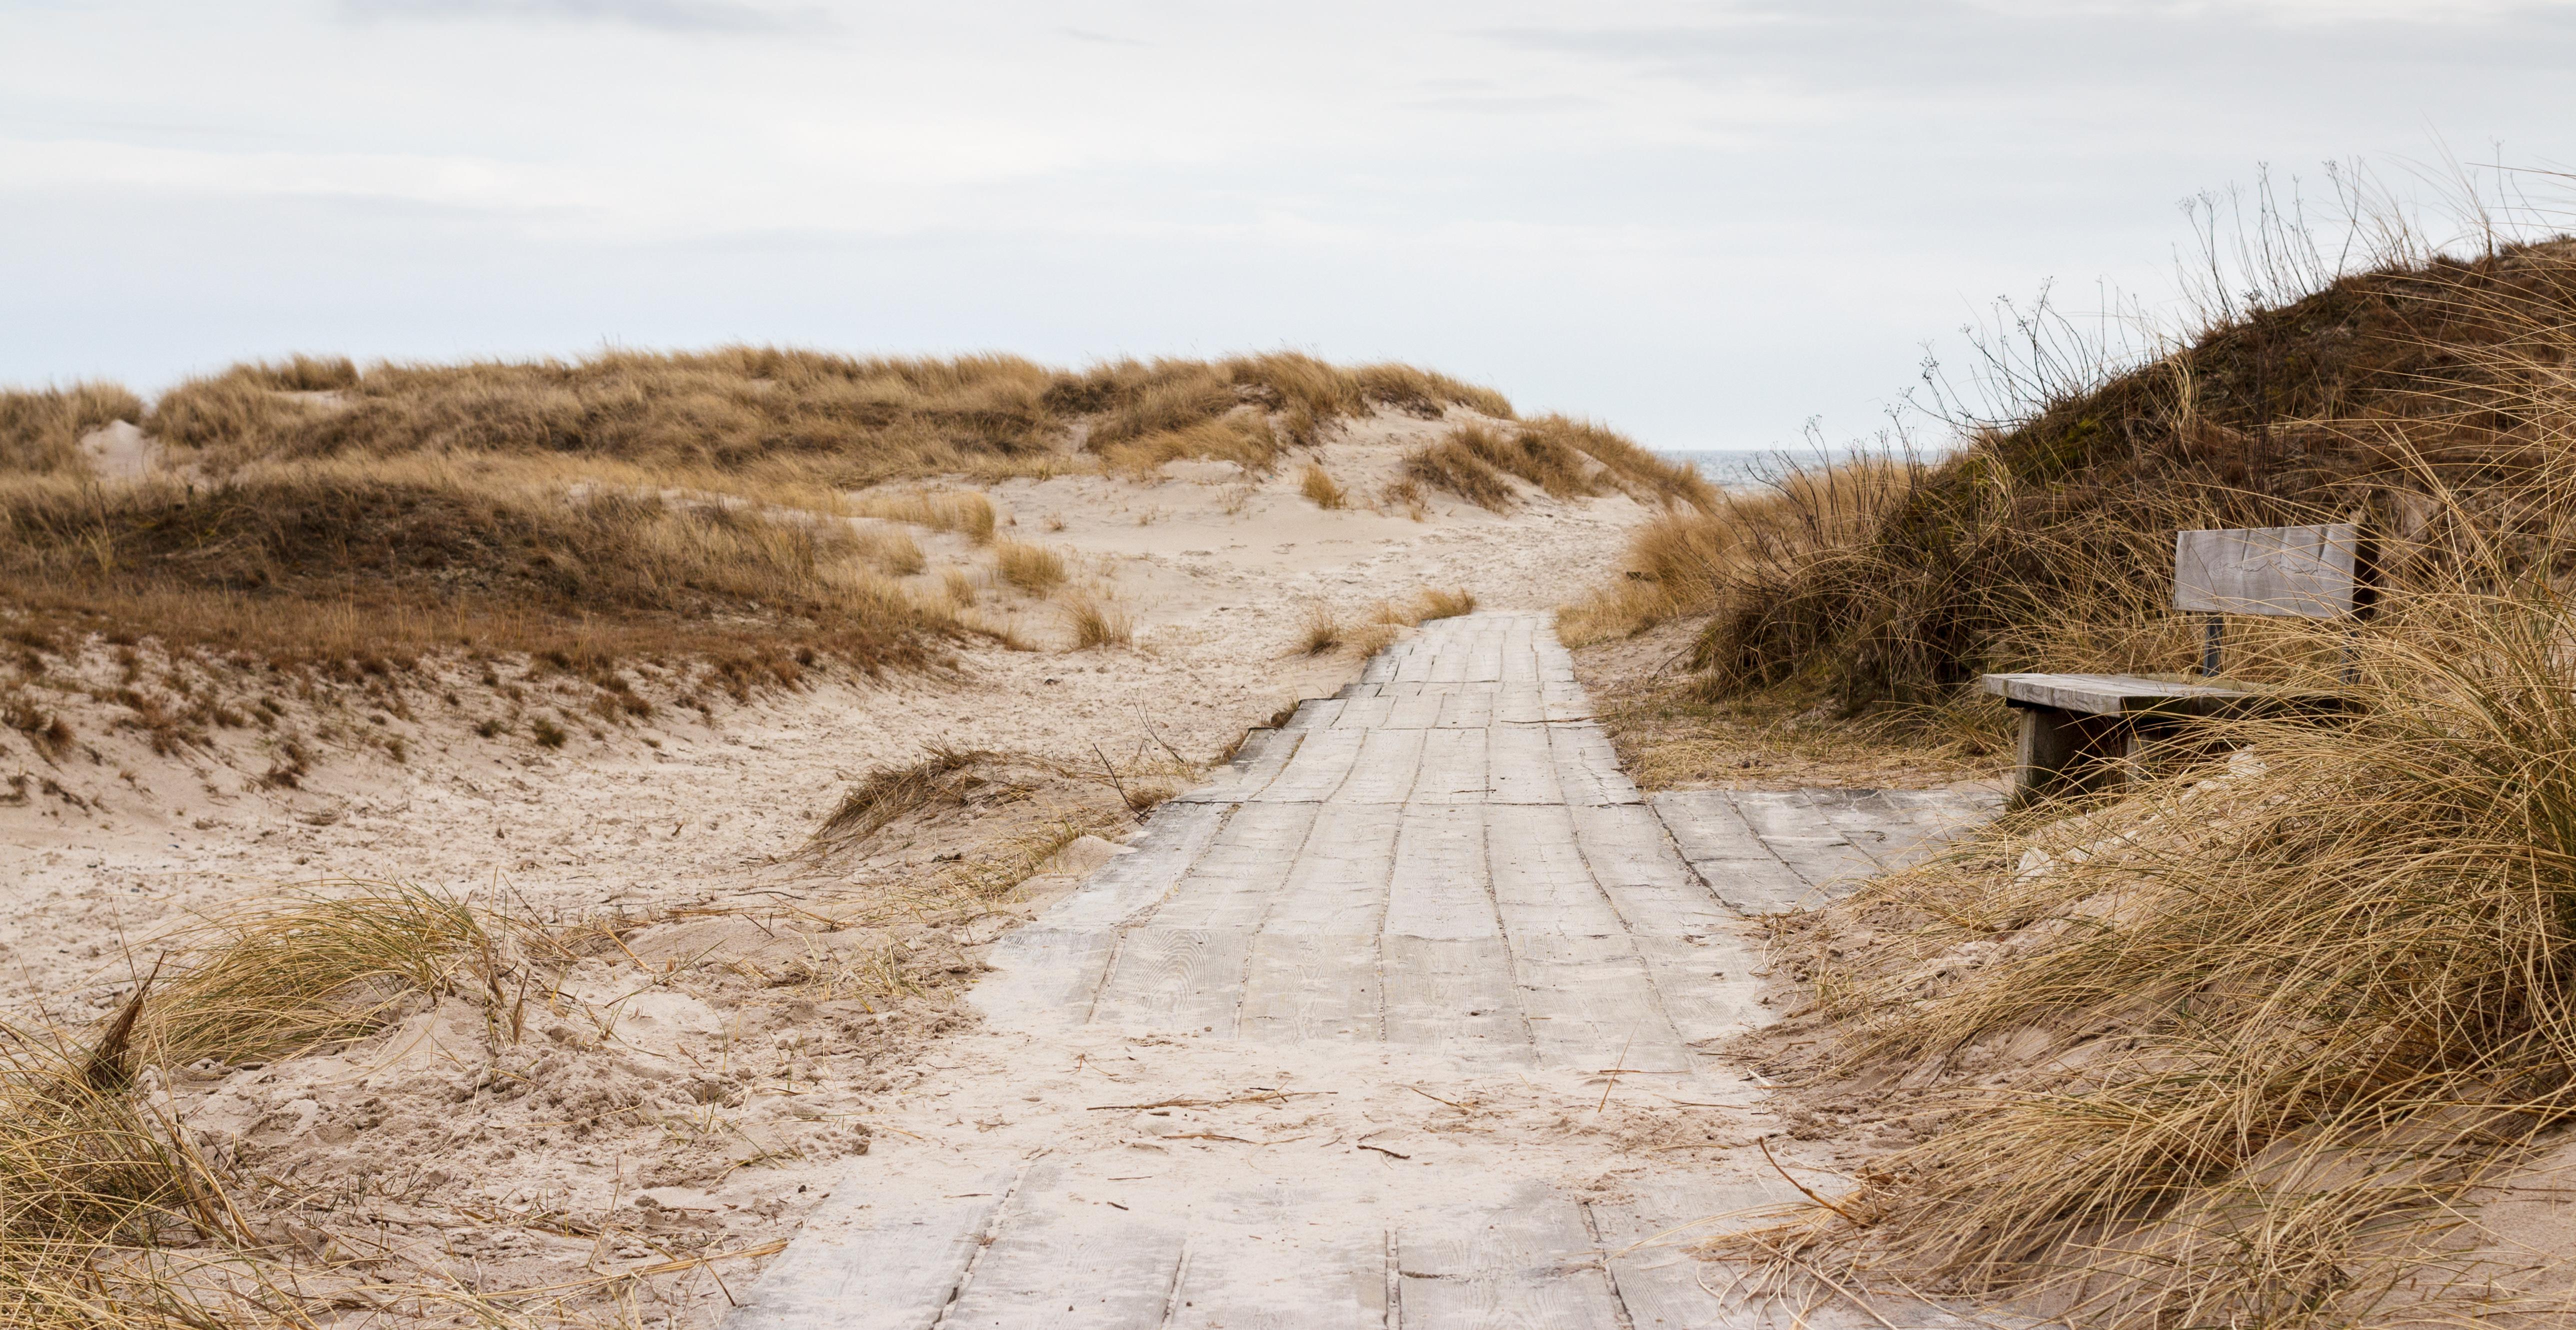 Path_to_Sandhammaren_beach_2015-03-29-47